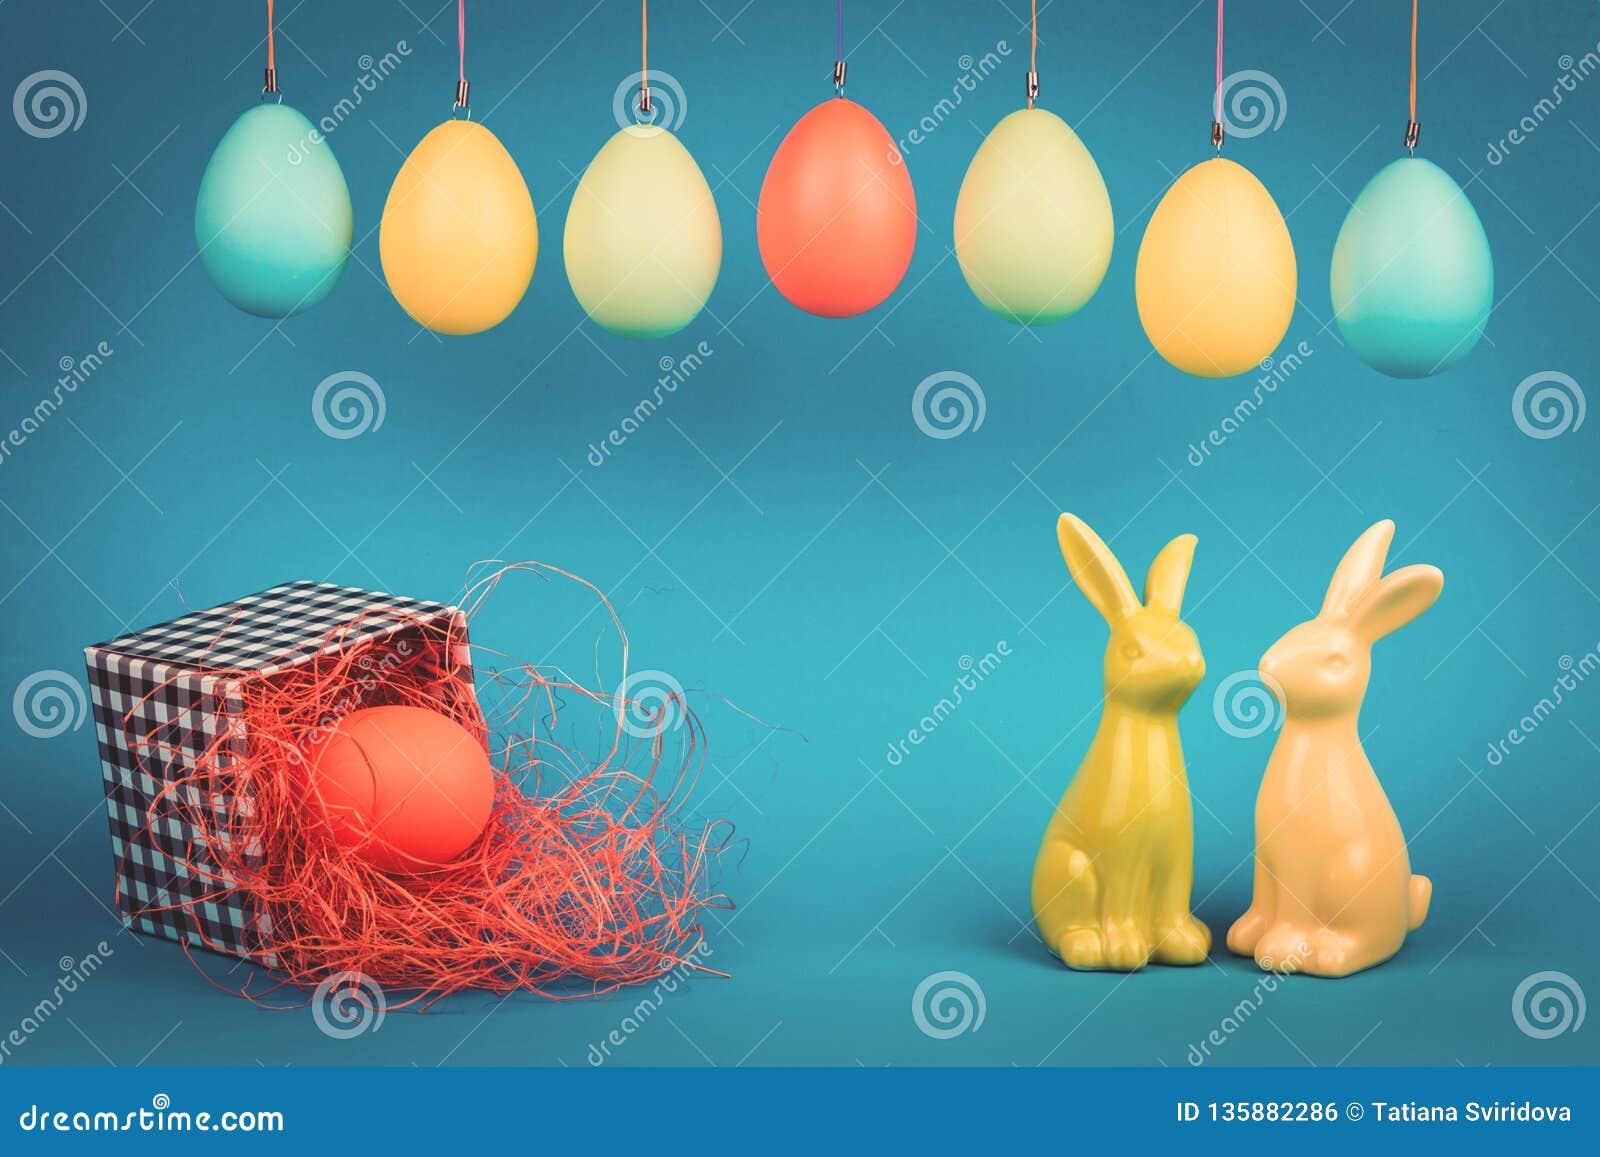 Ευχετήρια κάρτα Πάσχας με δύο λαγουδάκια